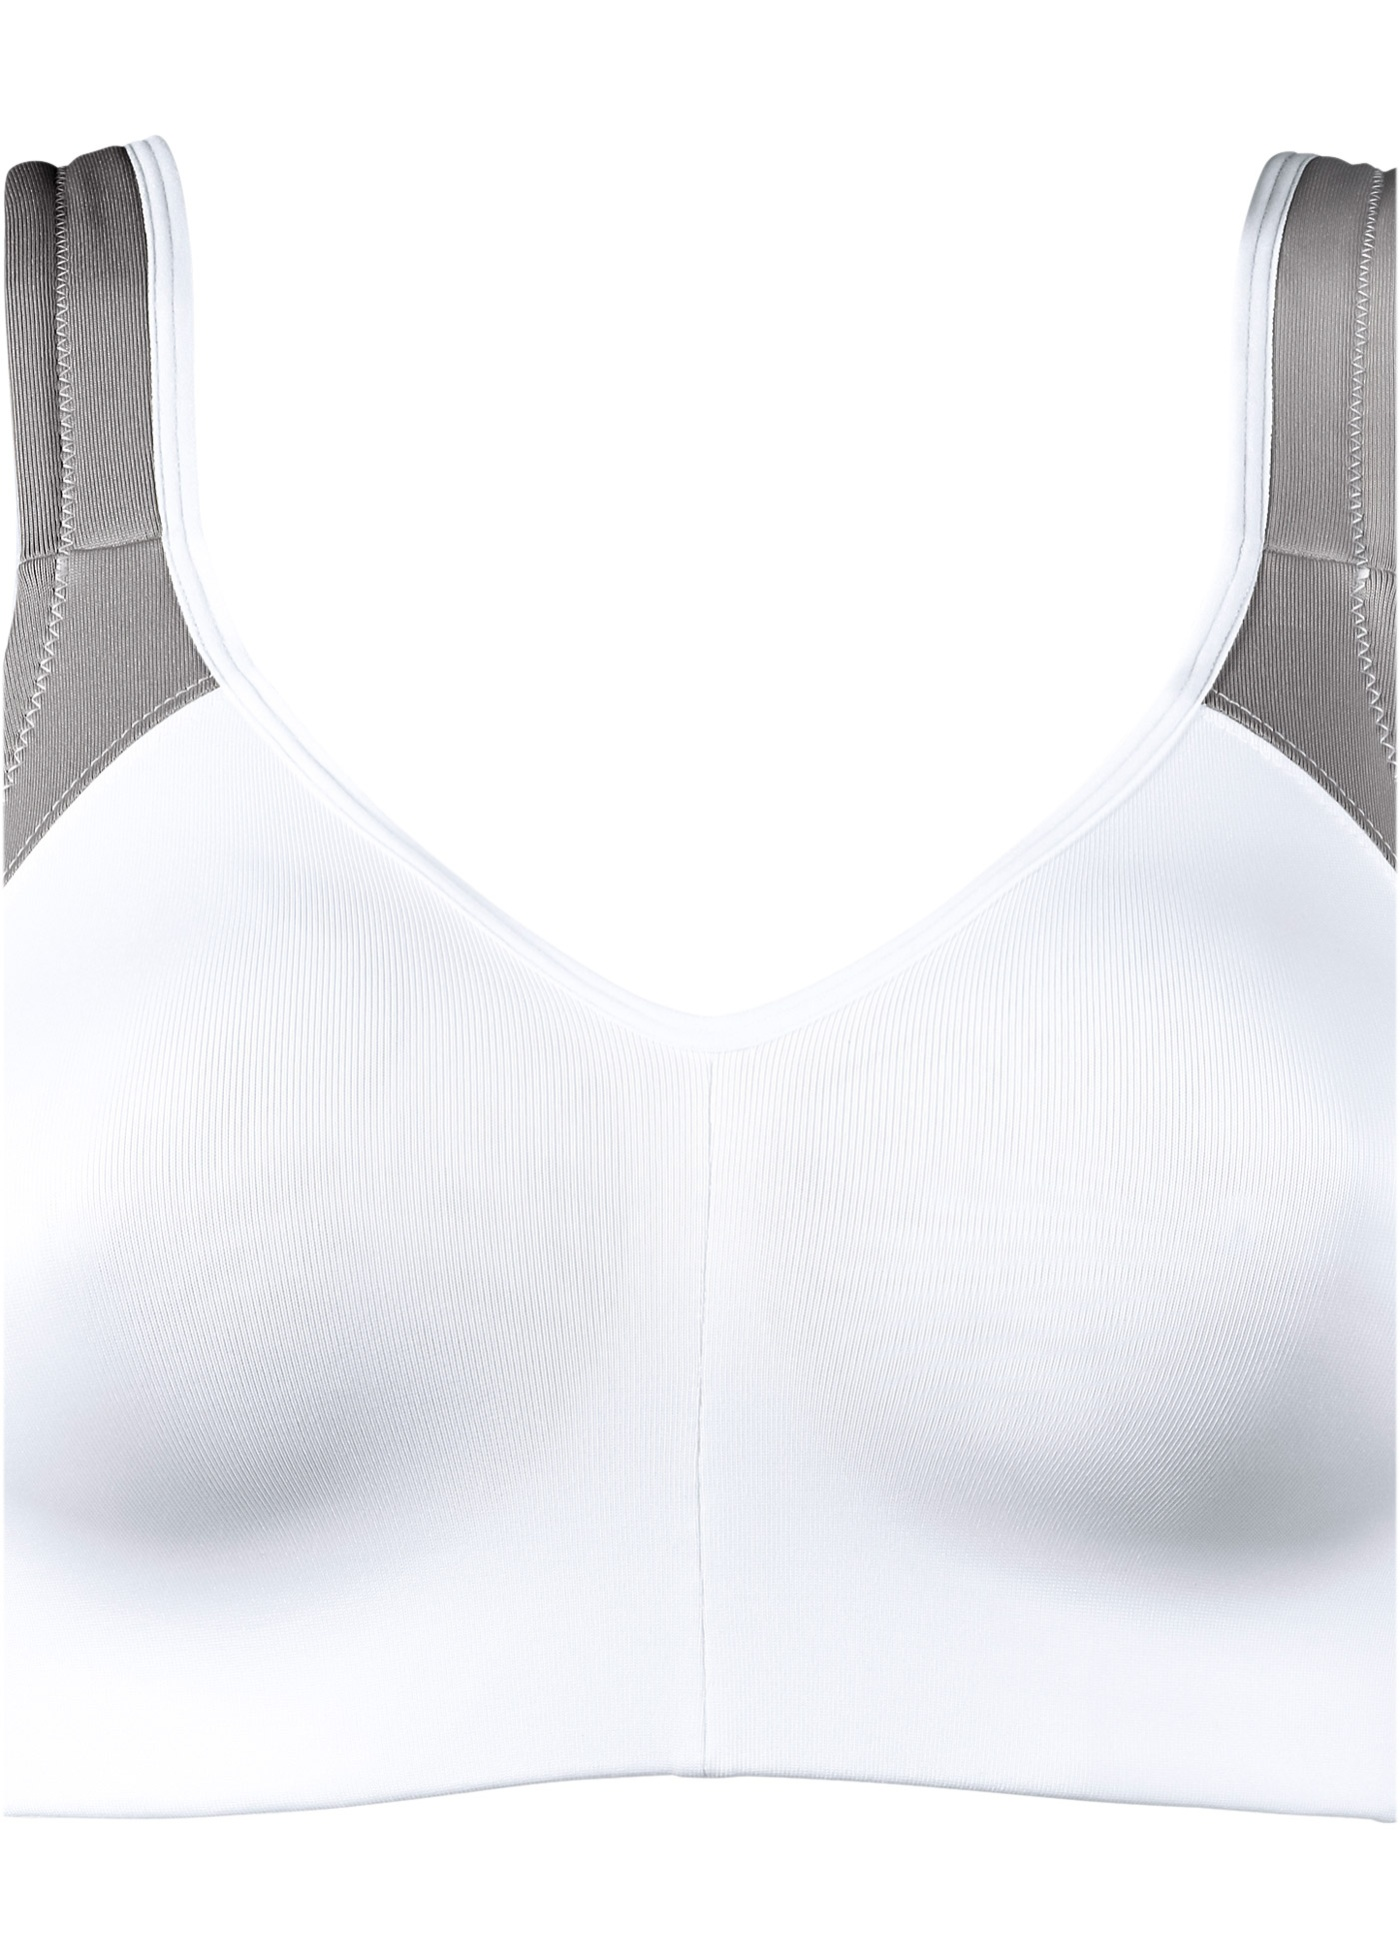 Sport Bpc gorge De Armaturespour Size CollectionNice Sans Bonprix Femme Soutien Blanc rhxtQdsC